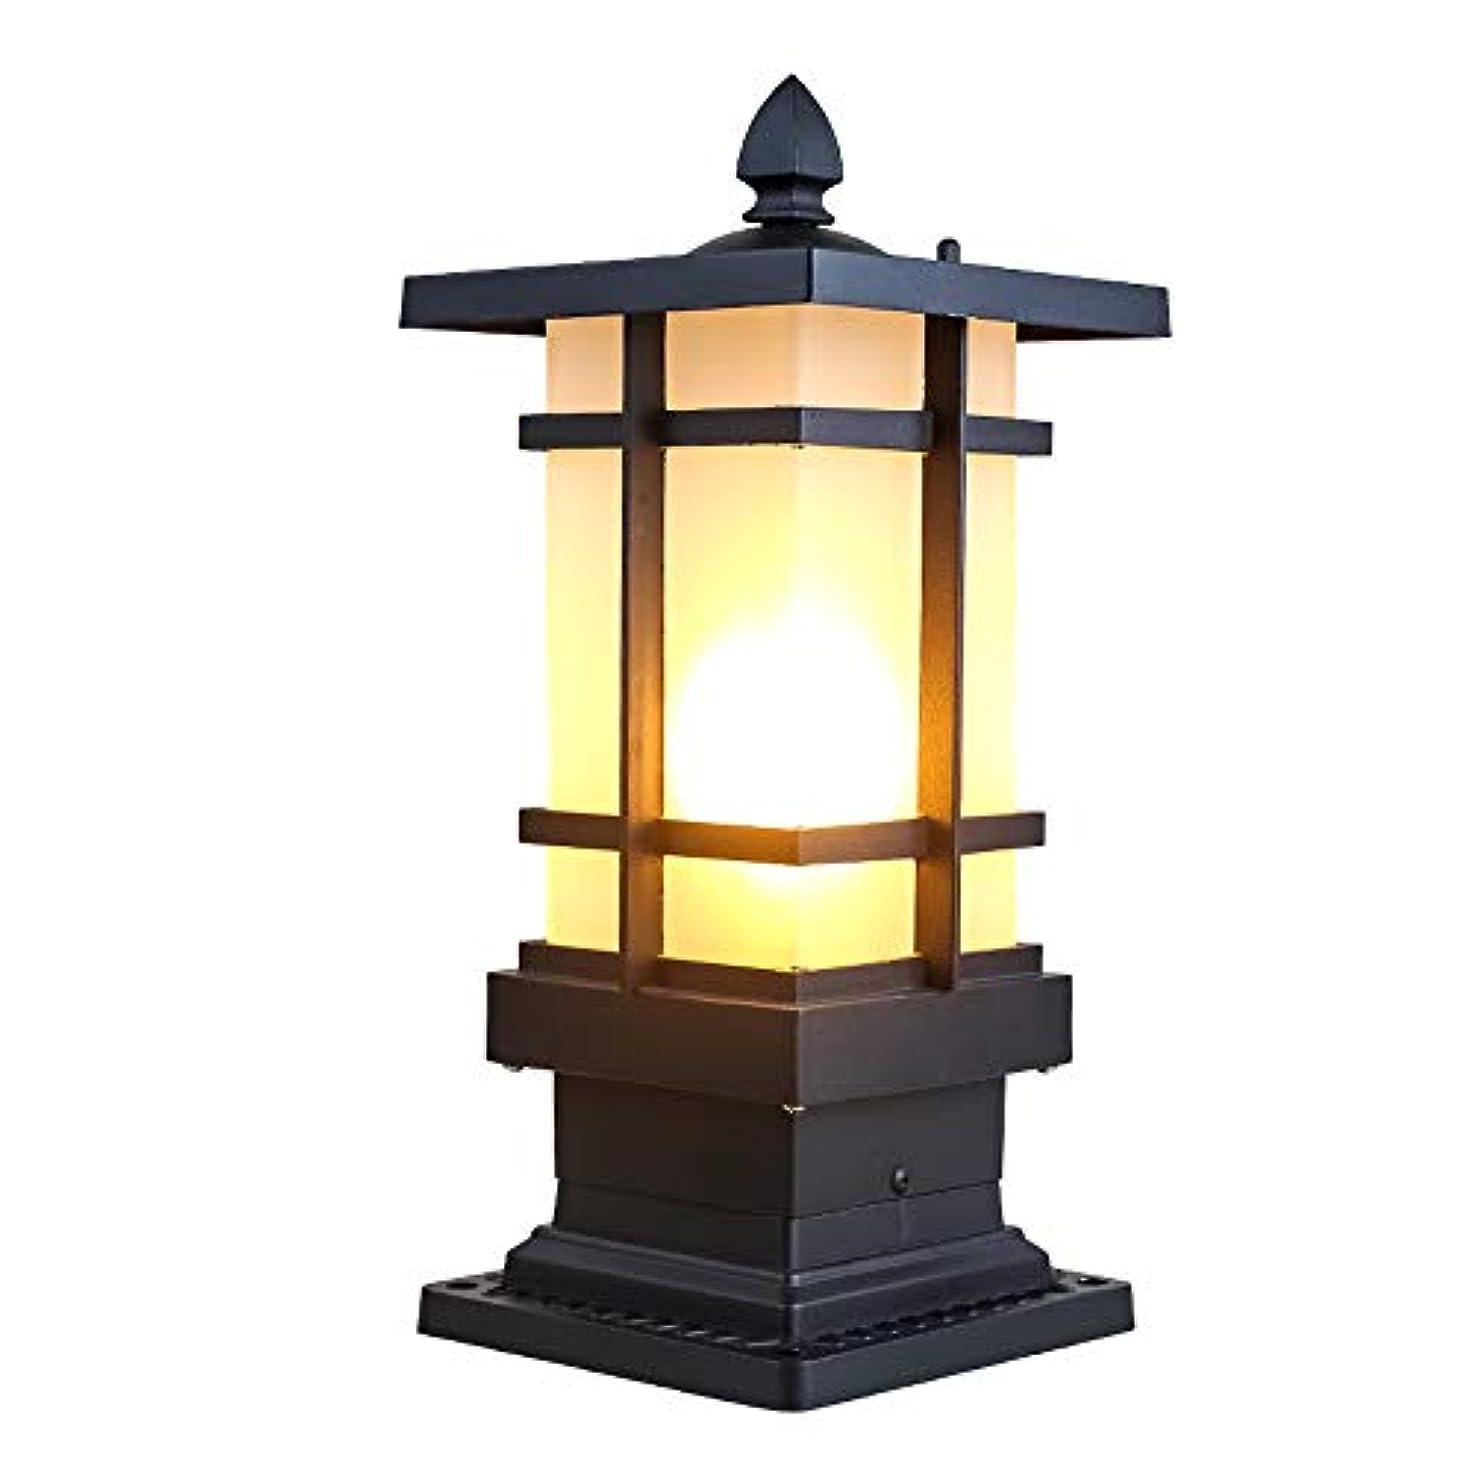 癒すやりがいのあるシネマPinjeer ヴィンテージクリエイティブE27屋外防水ガラスの列ランプブラックレトロ工業アルミポスト照明ドアストリートガーデンホームヴィラパーク照明装飾柱ライト